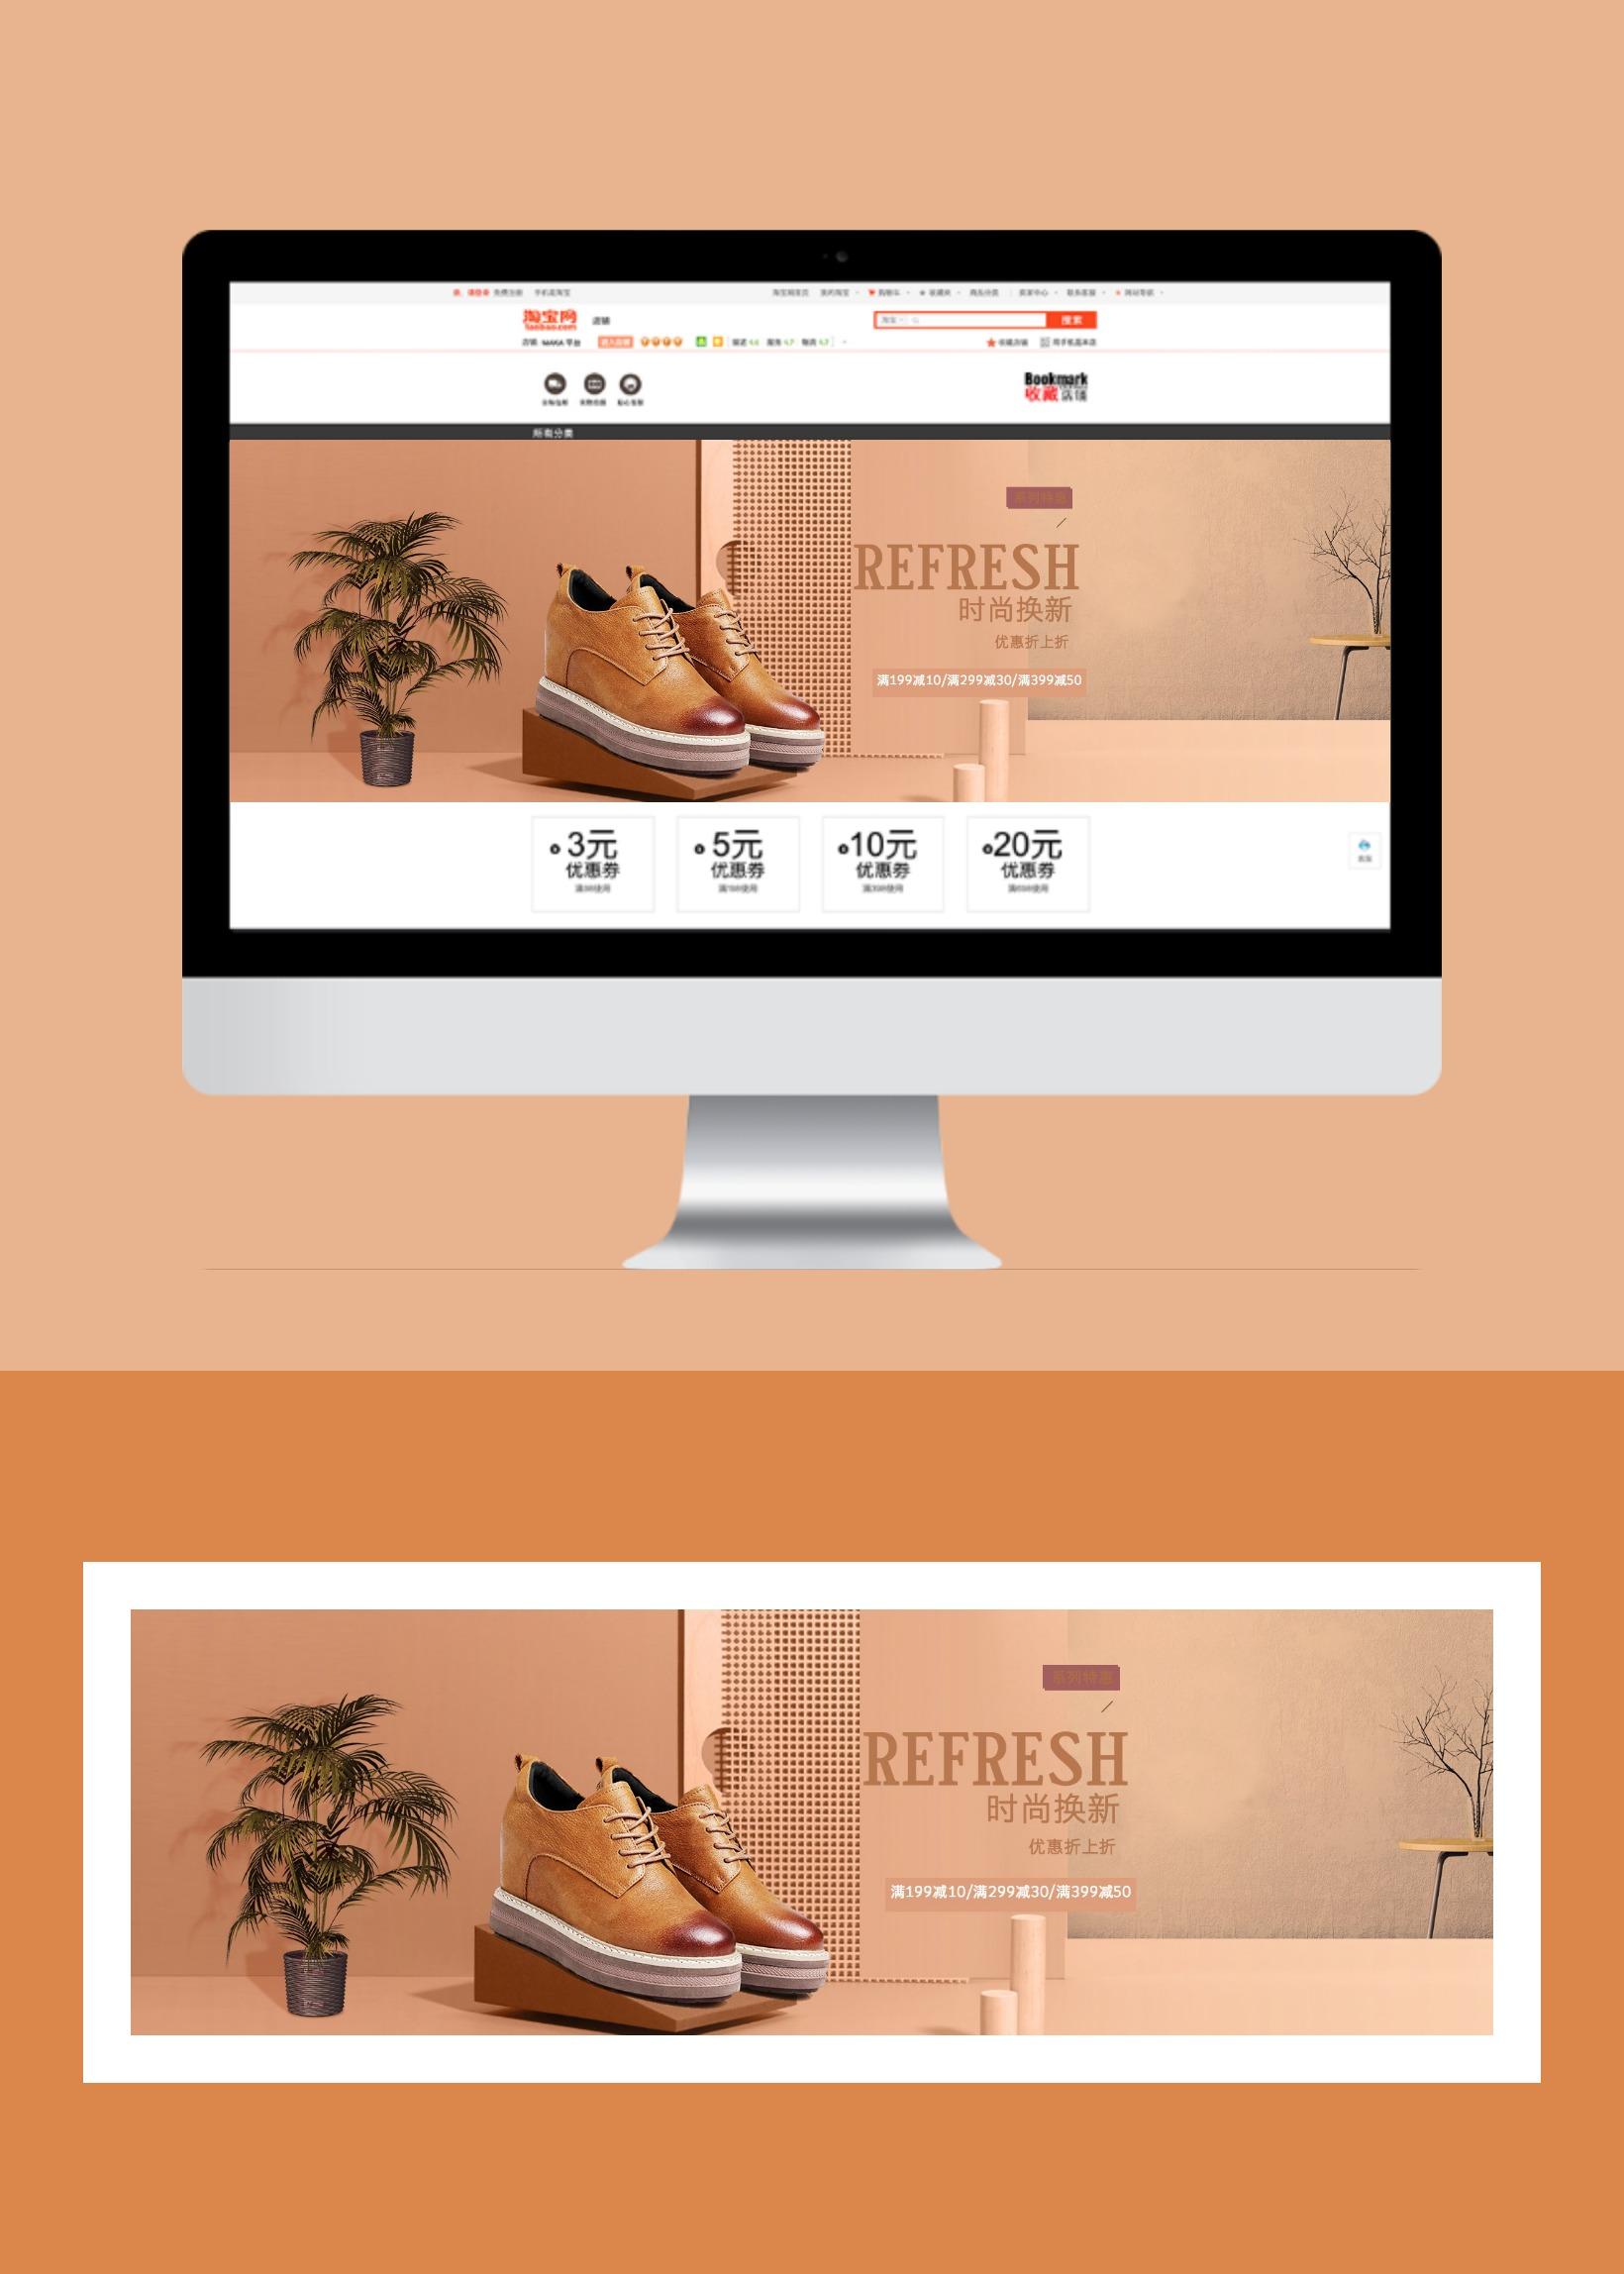 简约上新鞋类淘宝女鞋箱包海报banner